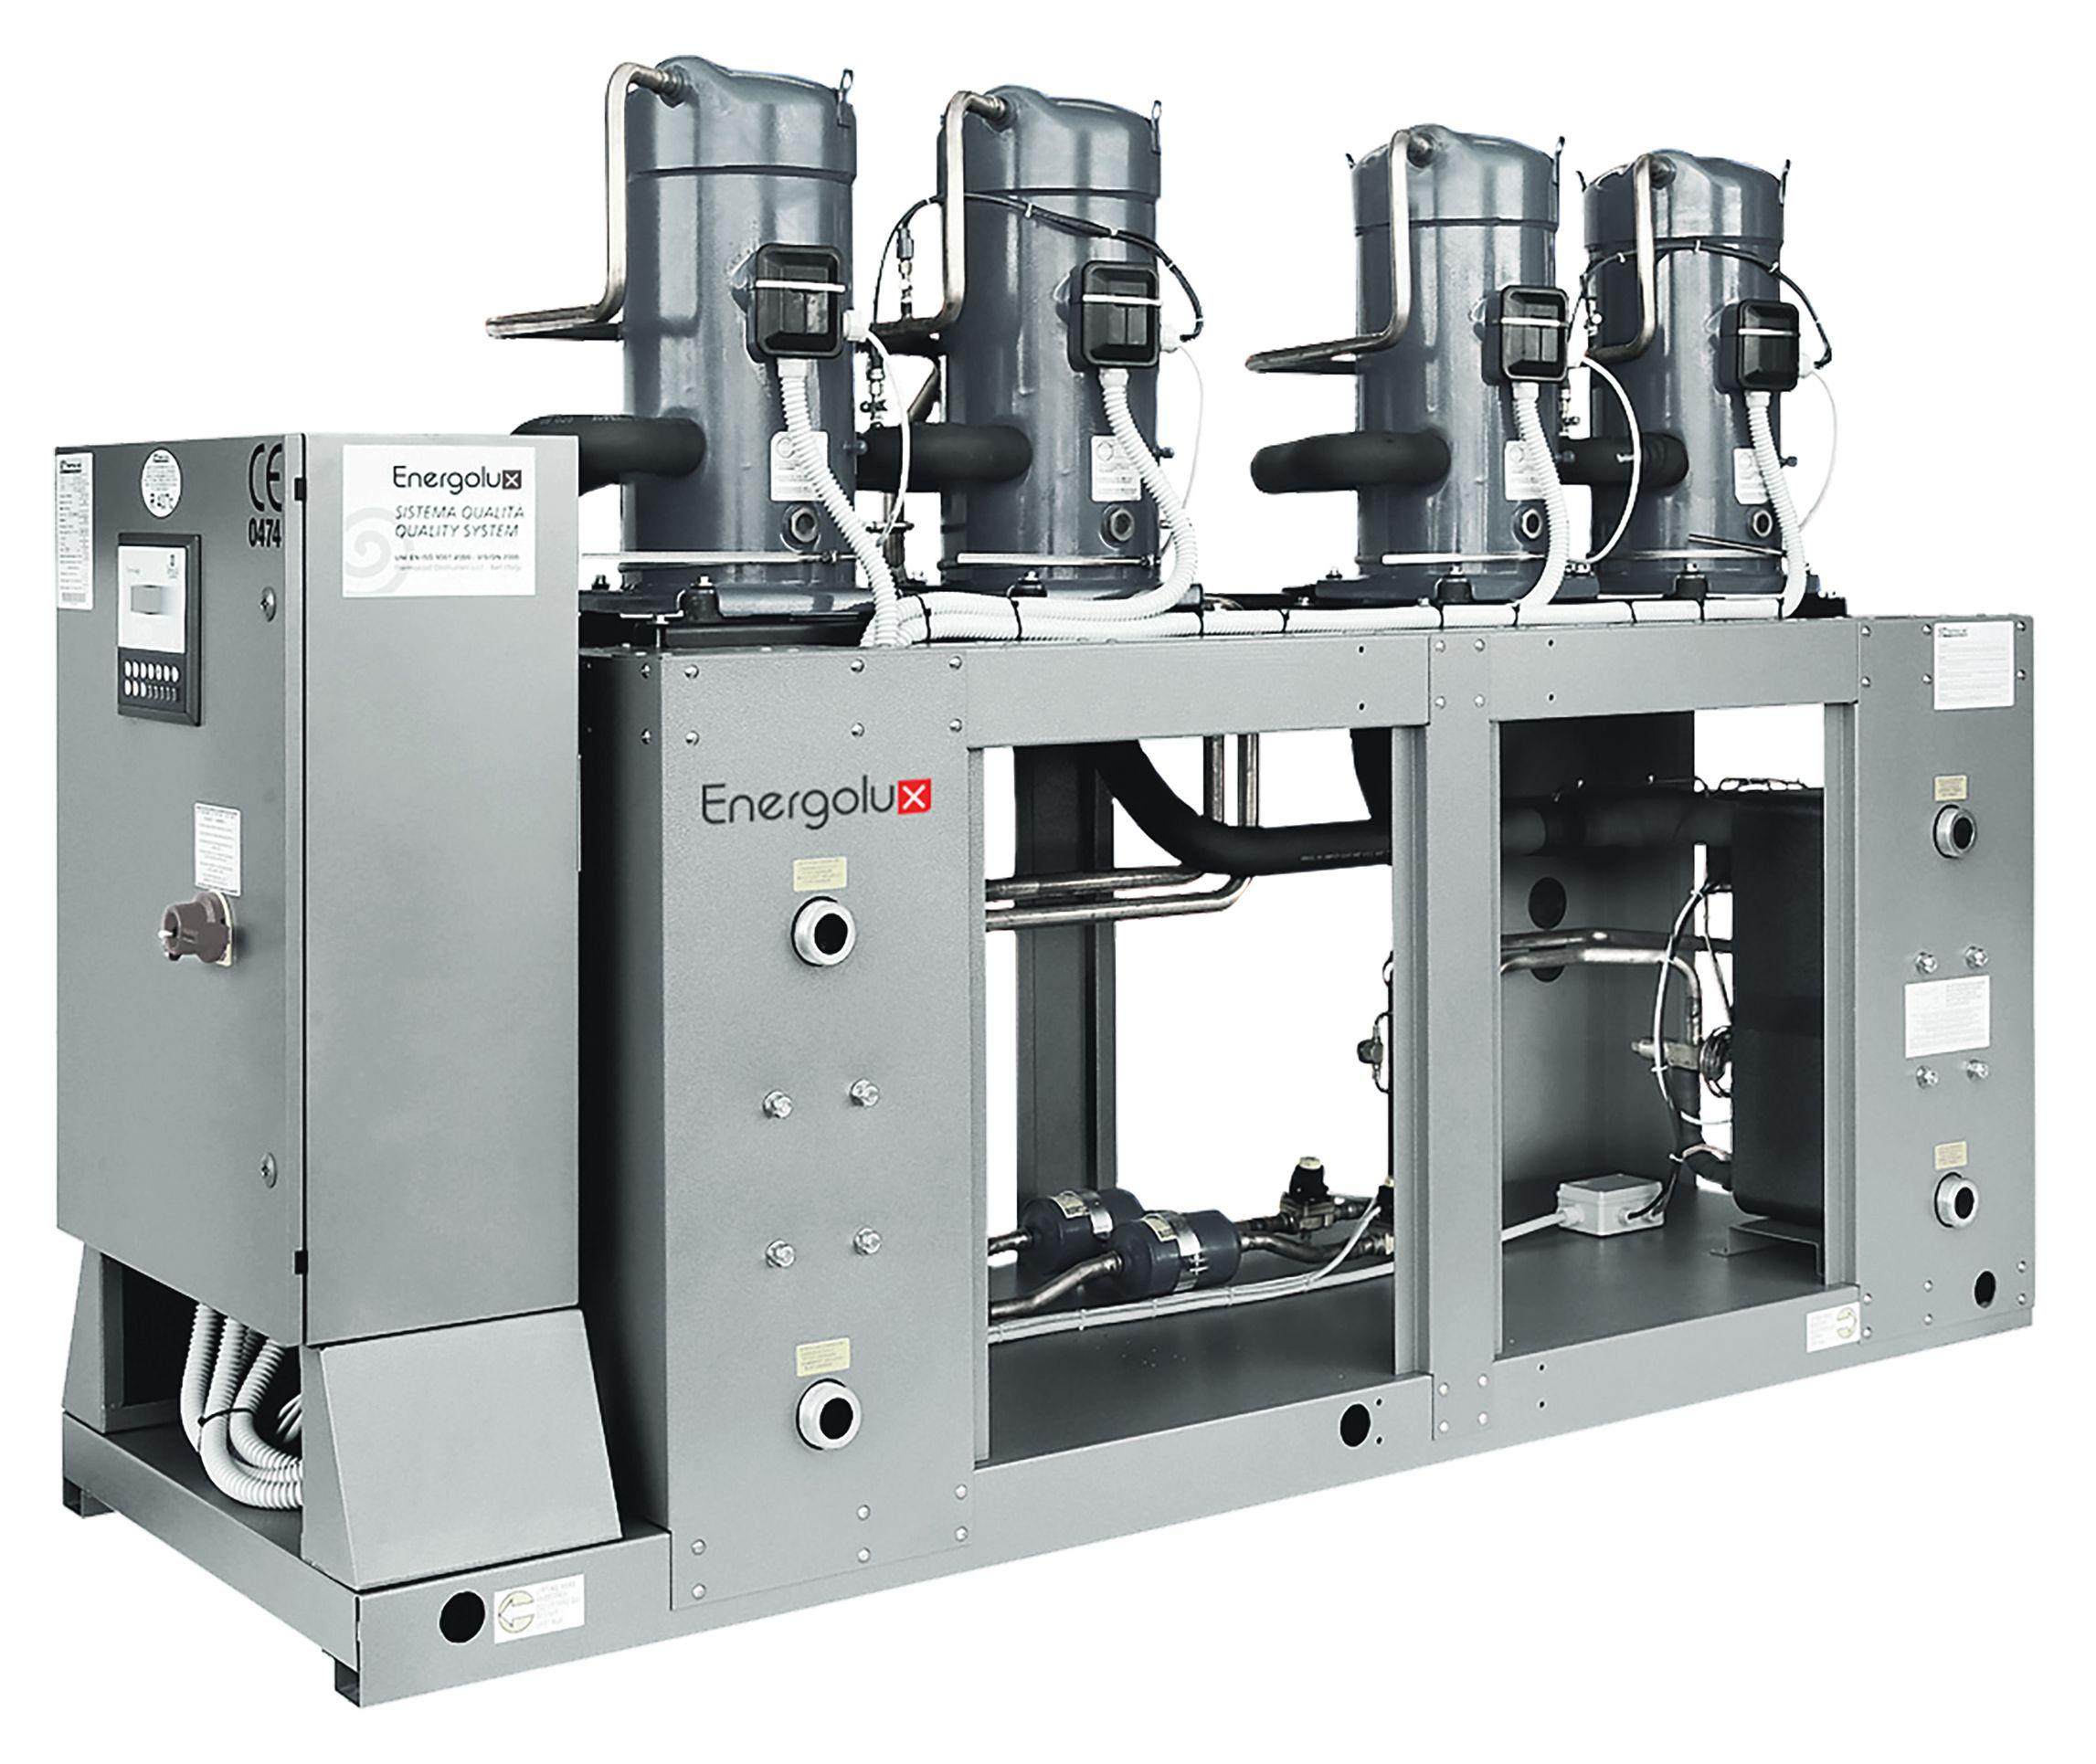 Energolux SCLW-T 1130 Z